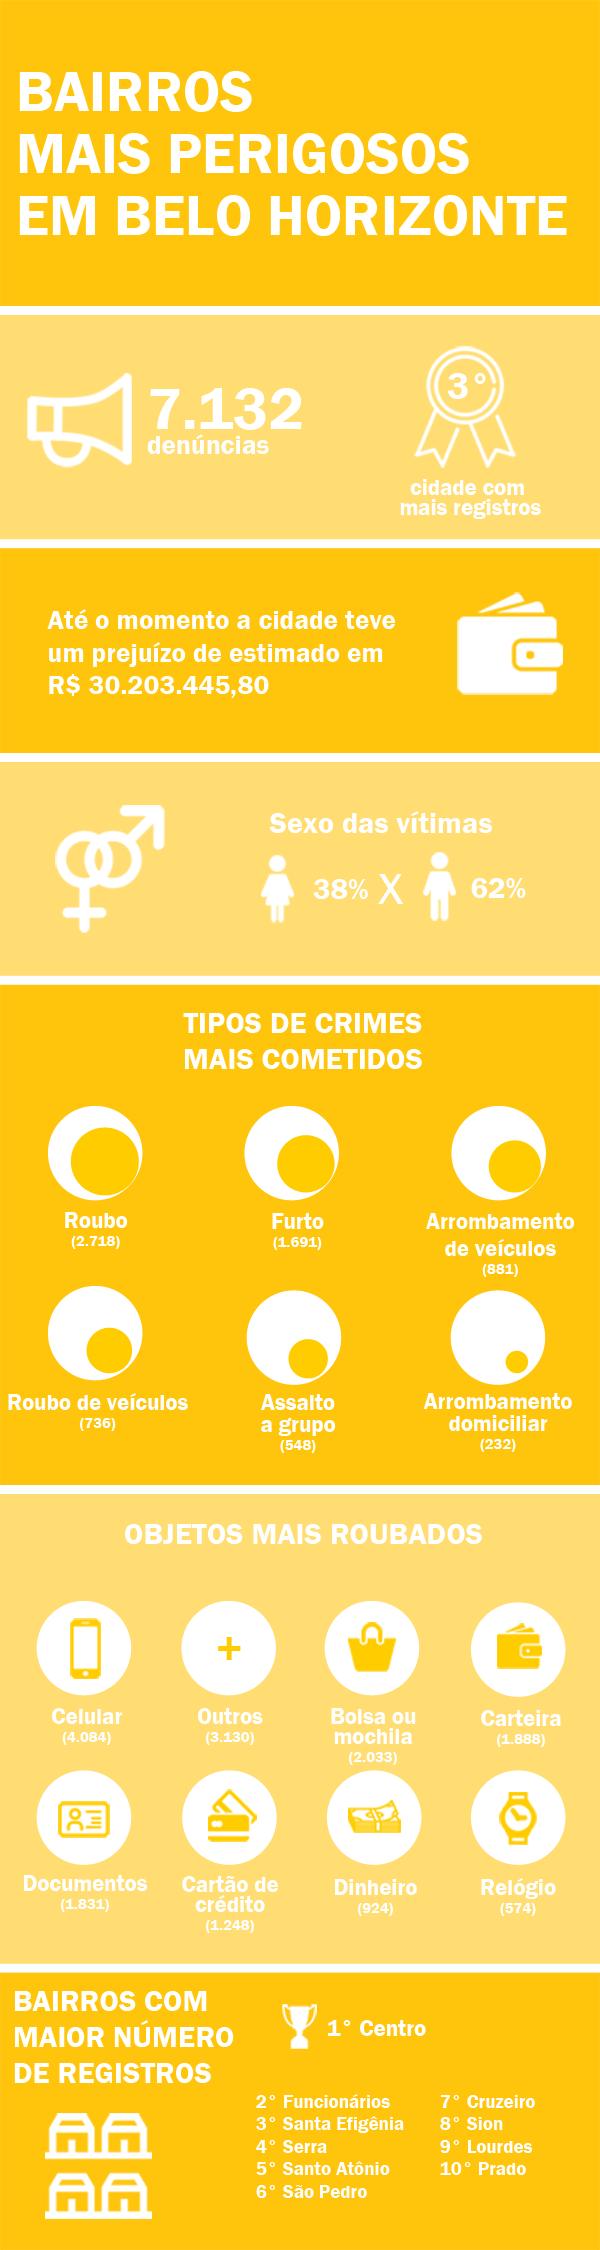 Infográfico dos bairros mais perigoso de Belo Horizonte